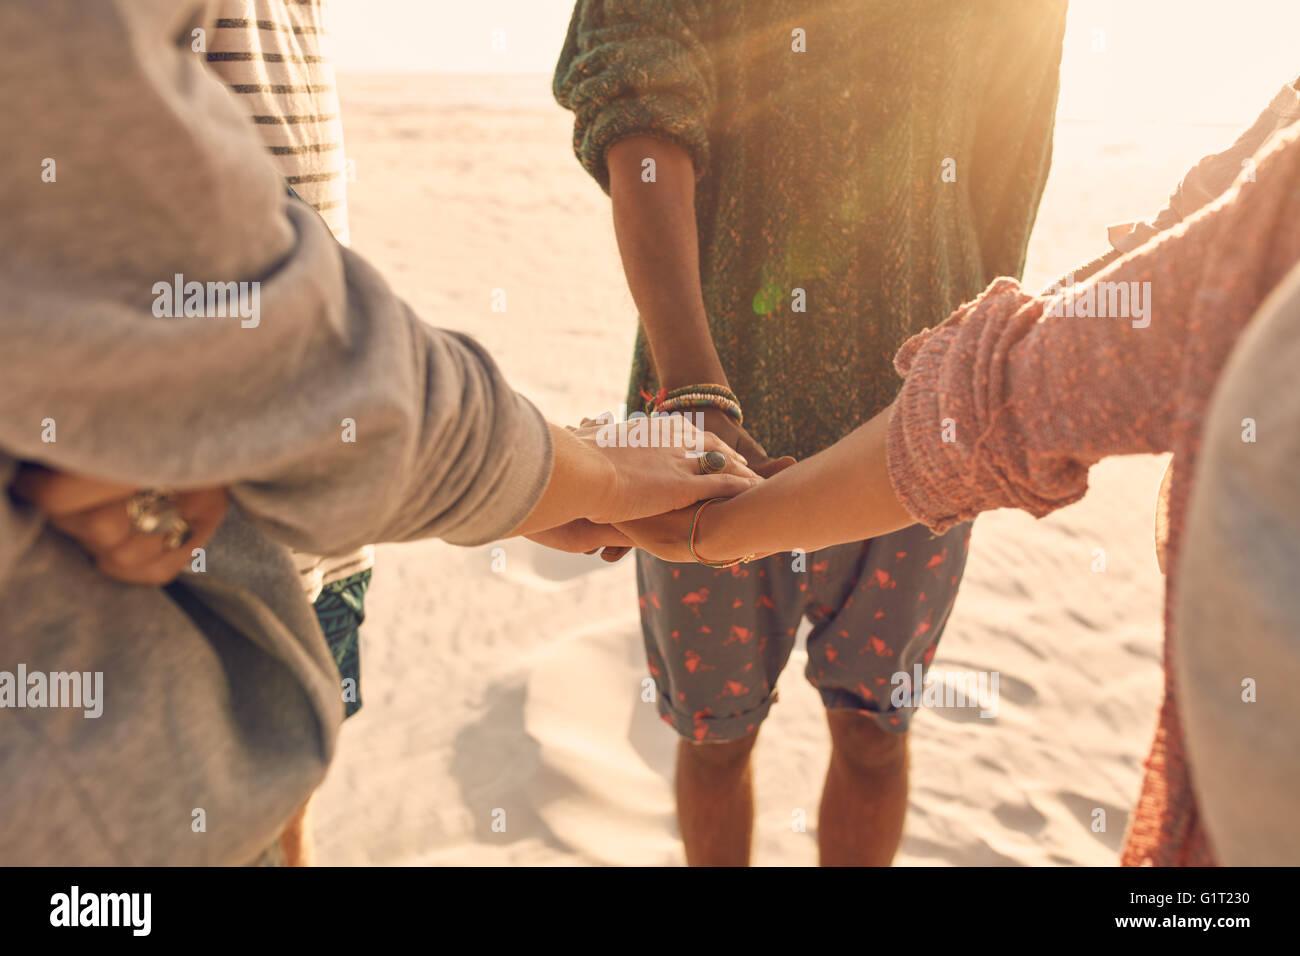 Groupe d'amis leur pile les mains ensemble. Les jeunes hommes et femmes se tenant ensemble à la plage, les mains Banque D'Images